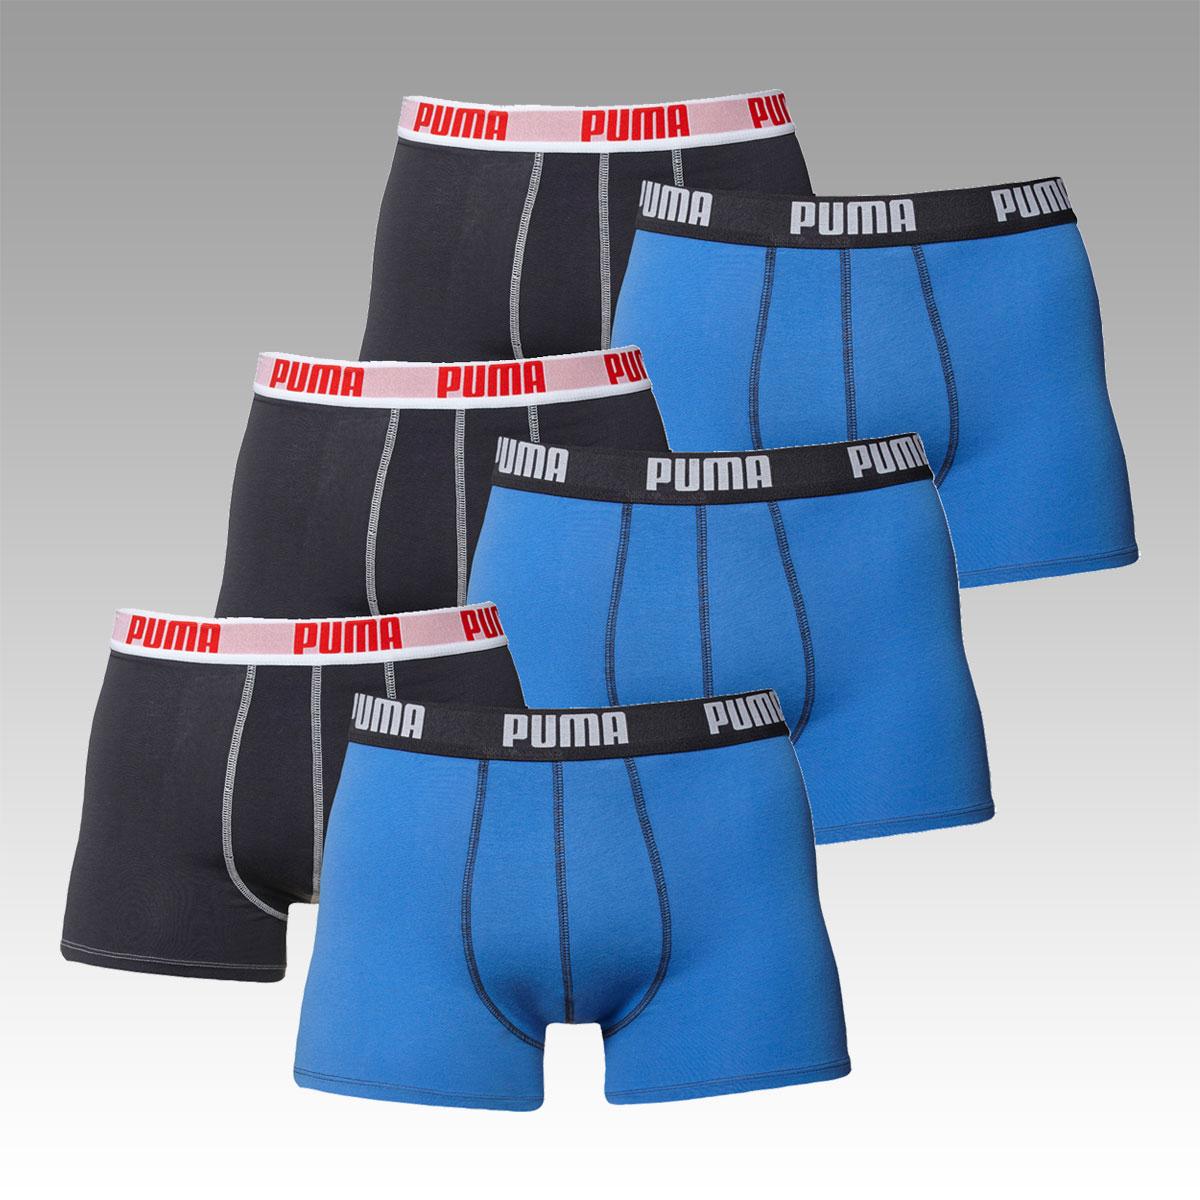 Puma Boxershorts im 6er Pack für 29,95 € *wieder da*